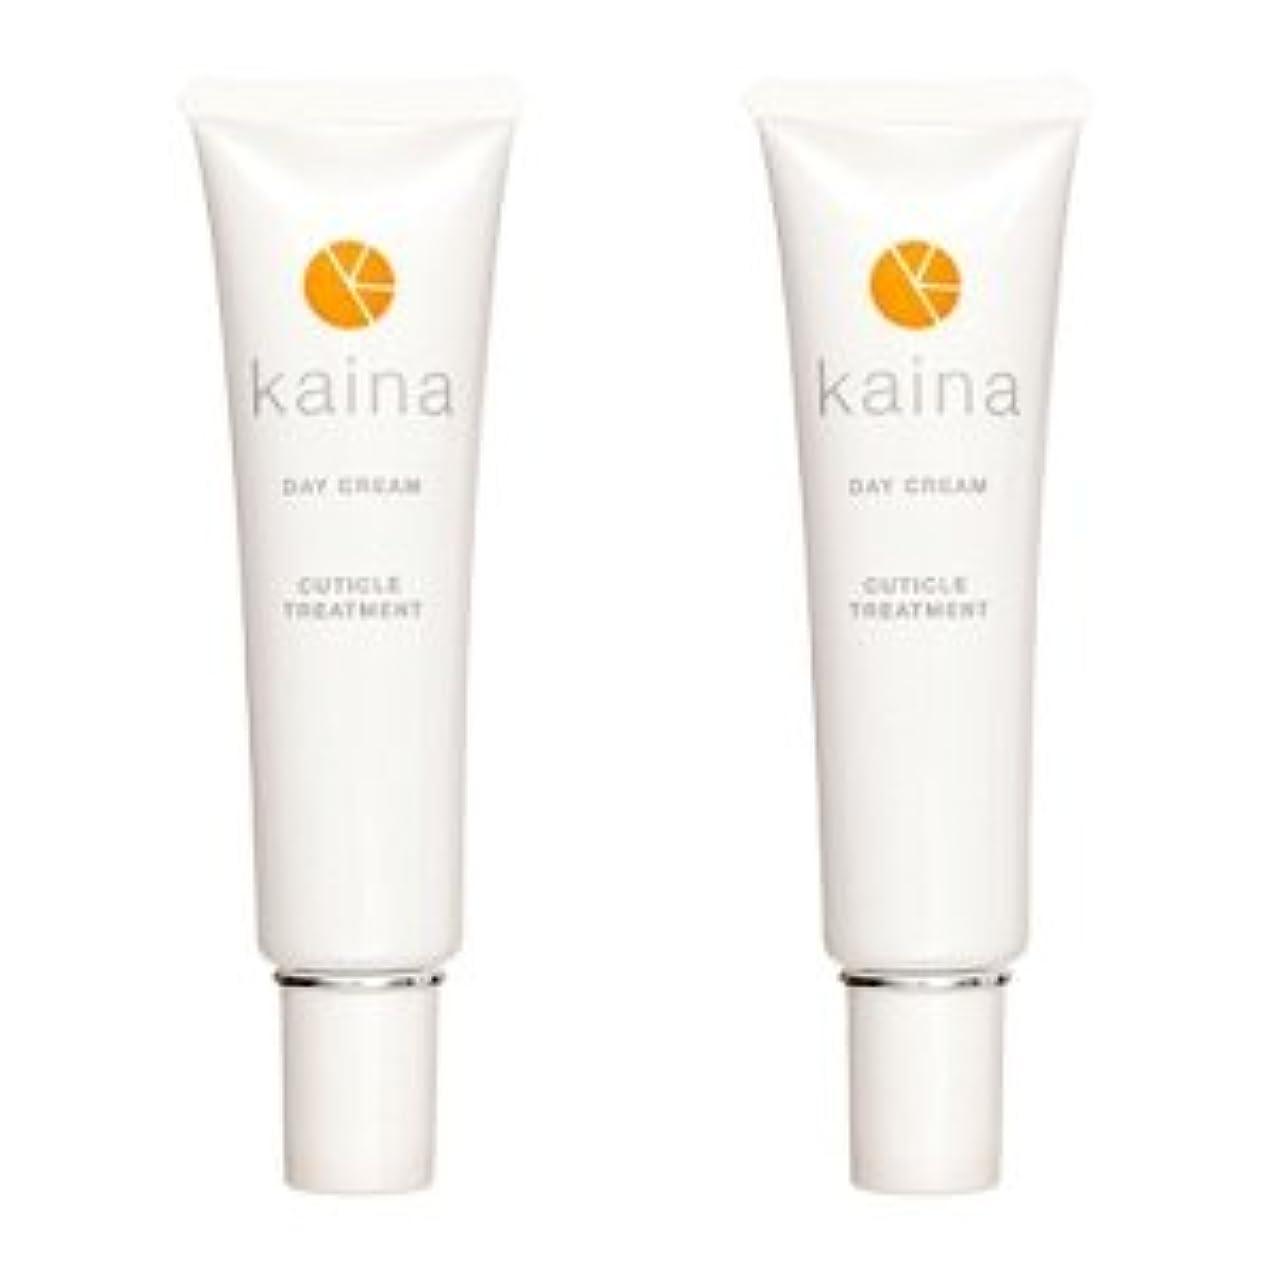 影響力のある日記掻く【2本セット】kaina BNK-001 デイクリーム 爪用保湿クリーム 毎日のツメのケアに